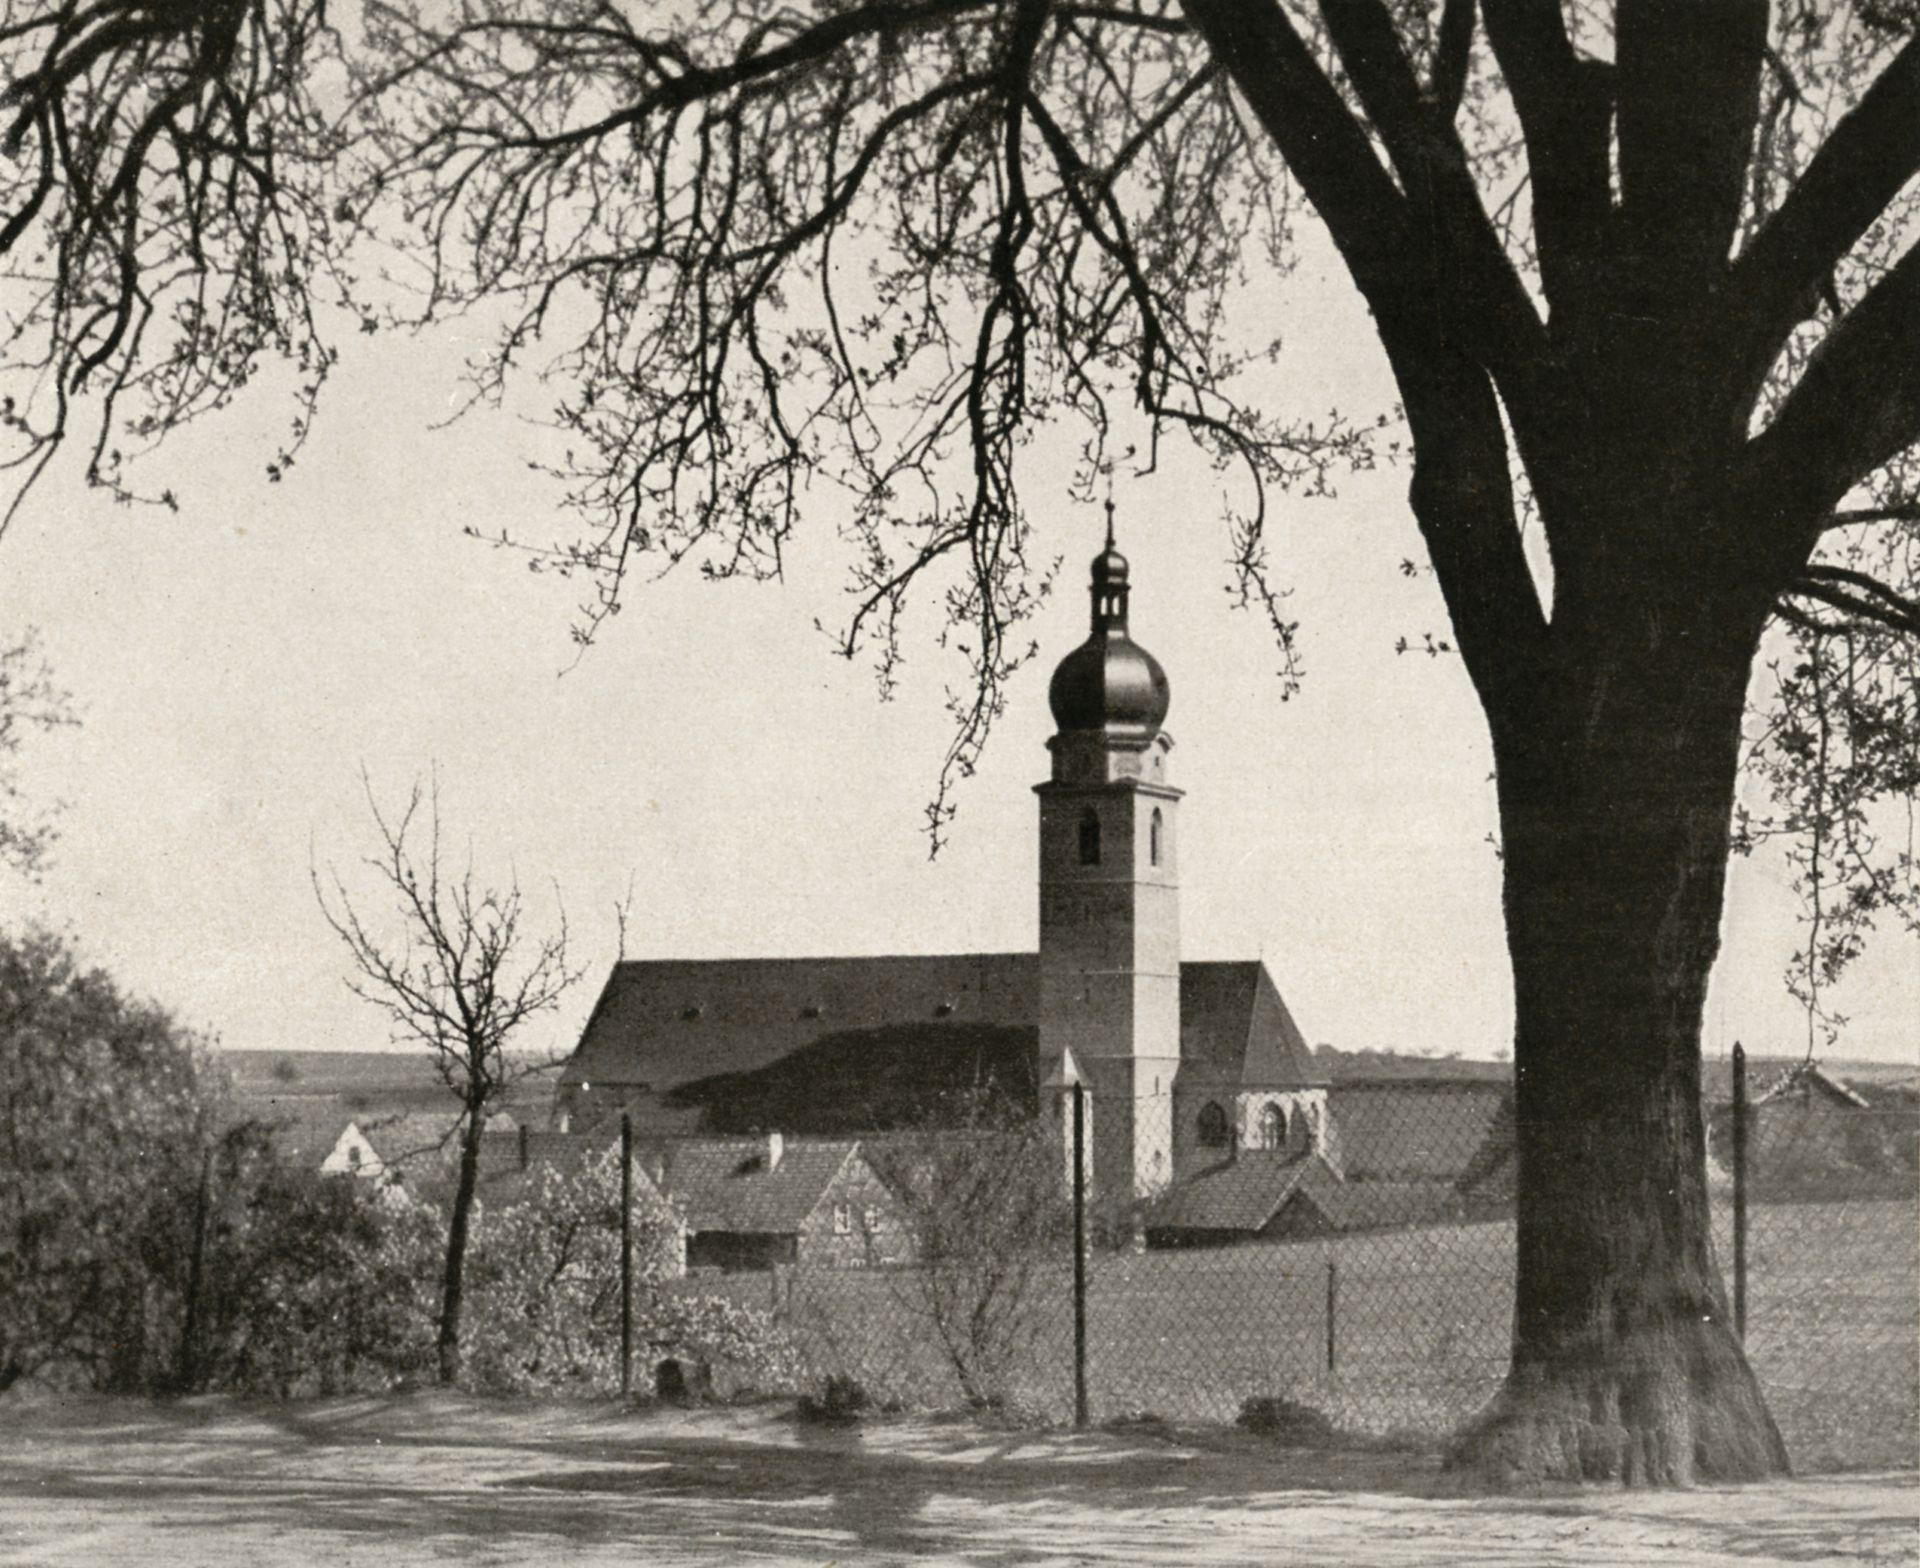 """St. Mauritius St. Mauritius / photo from: """"Otto Schulz"""", Friedrich Ernst Hübsch Verlag, 1929"""